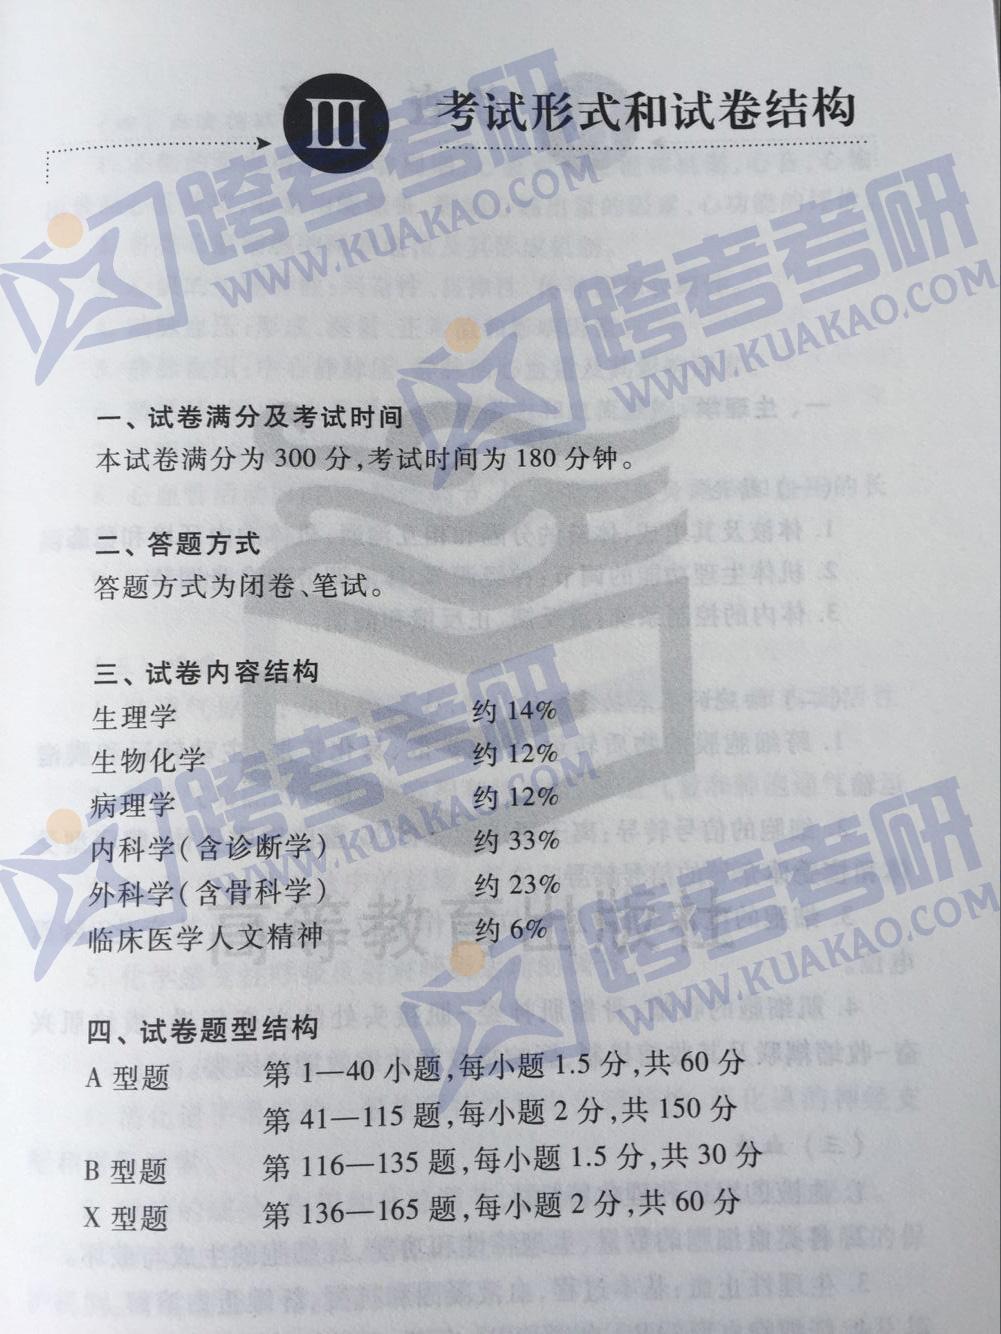 布:考试形式和试卷结构